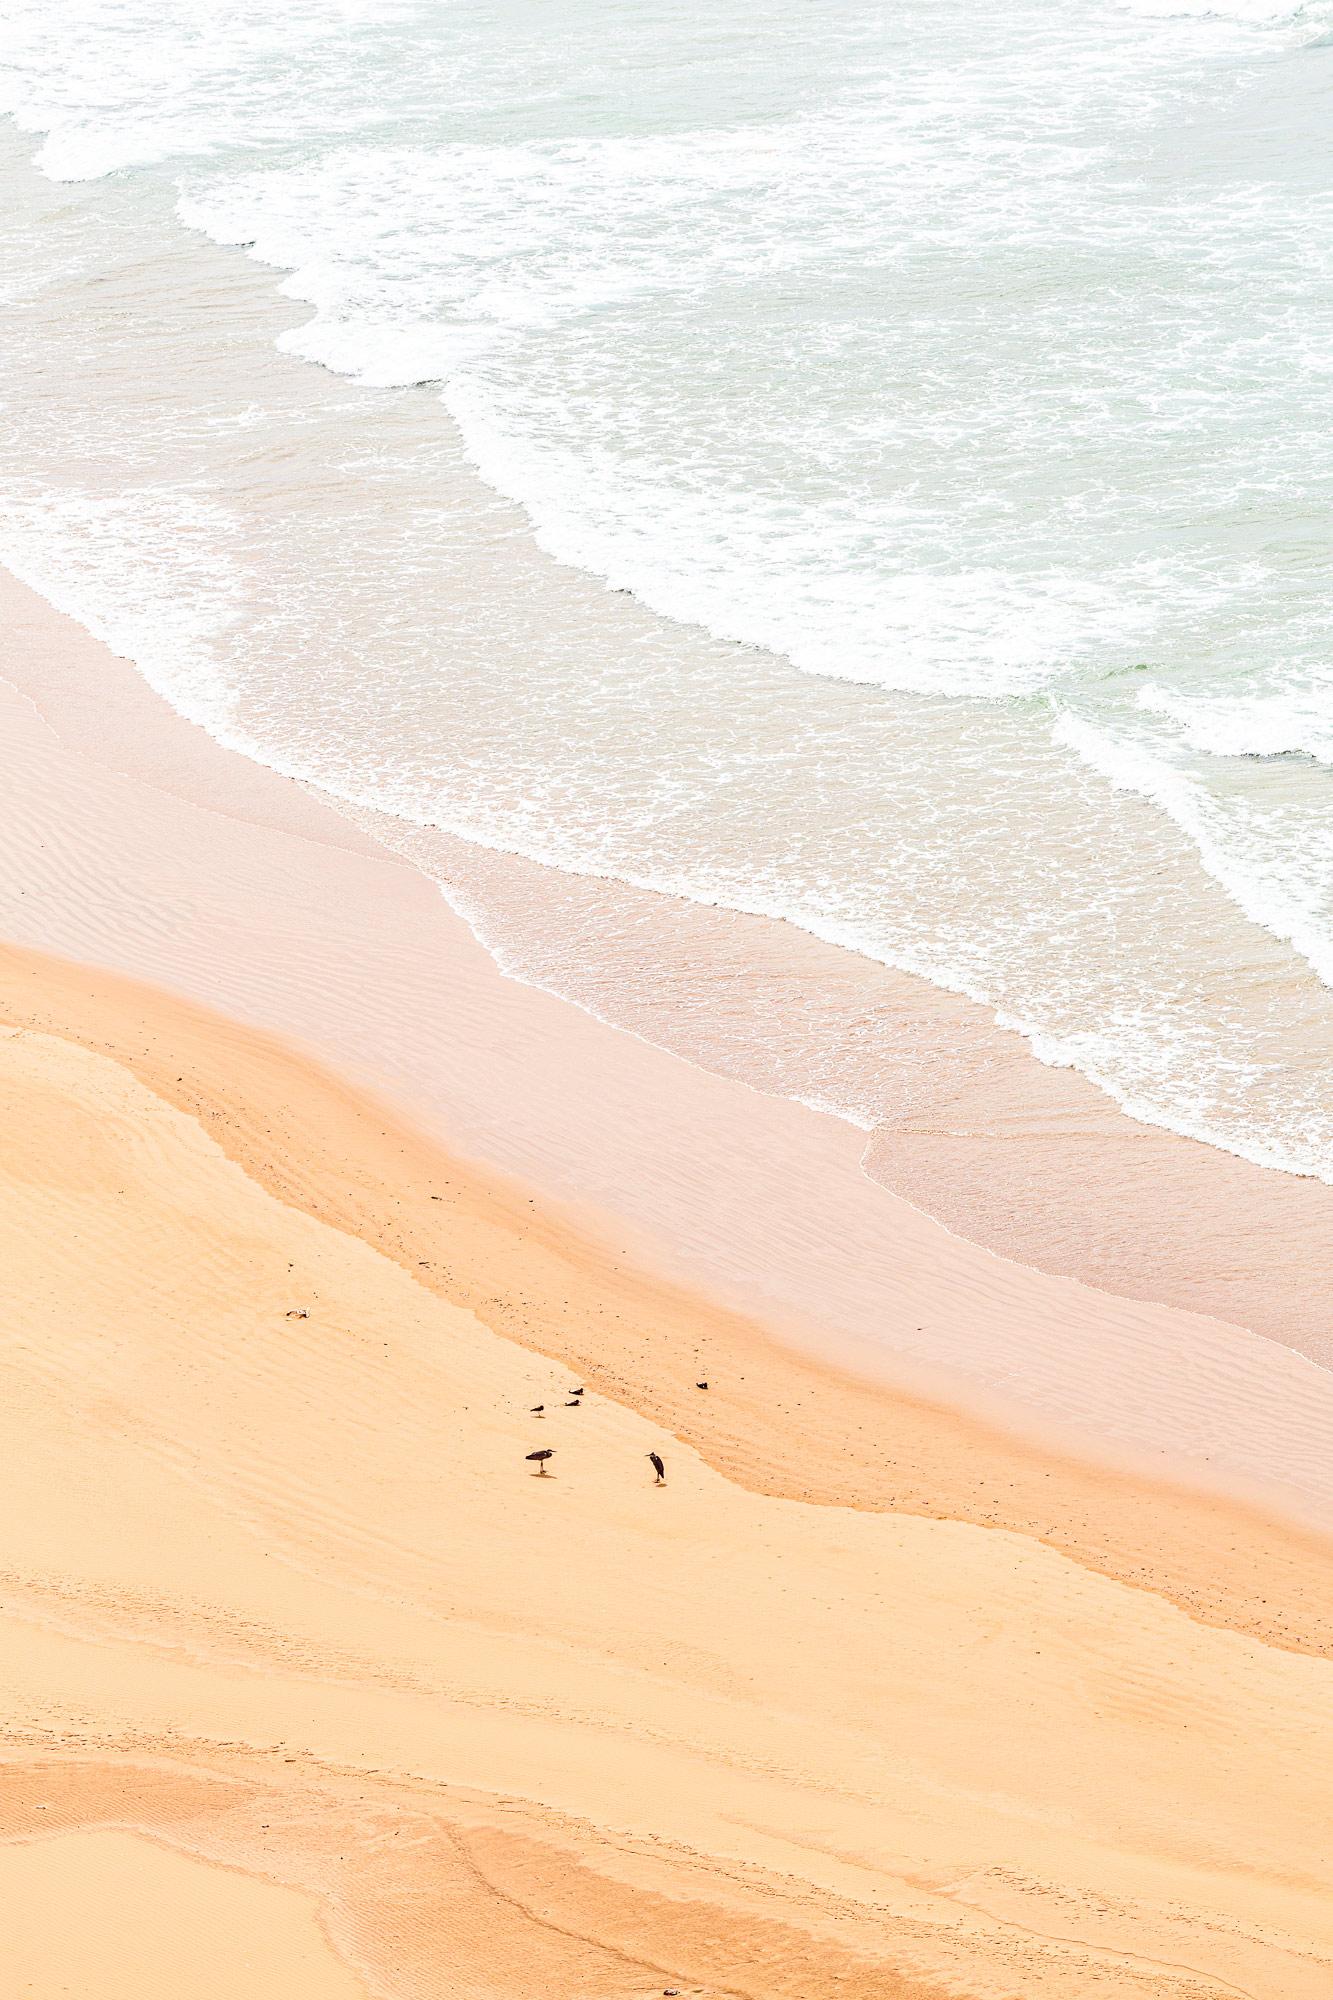 Trek au Maroc oiseaux sur la plage